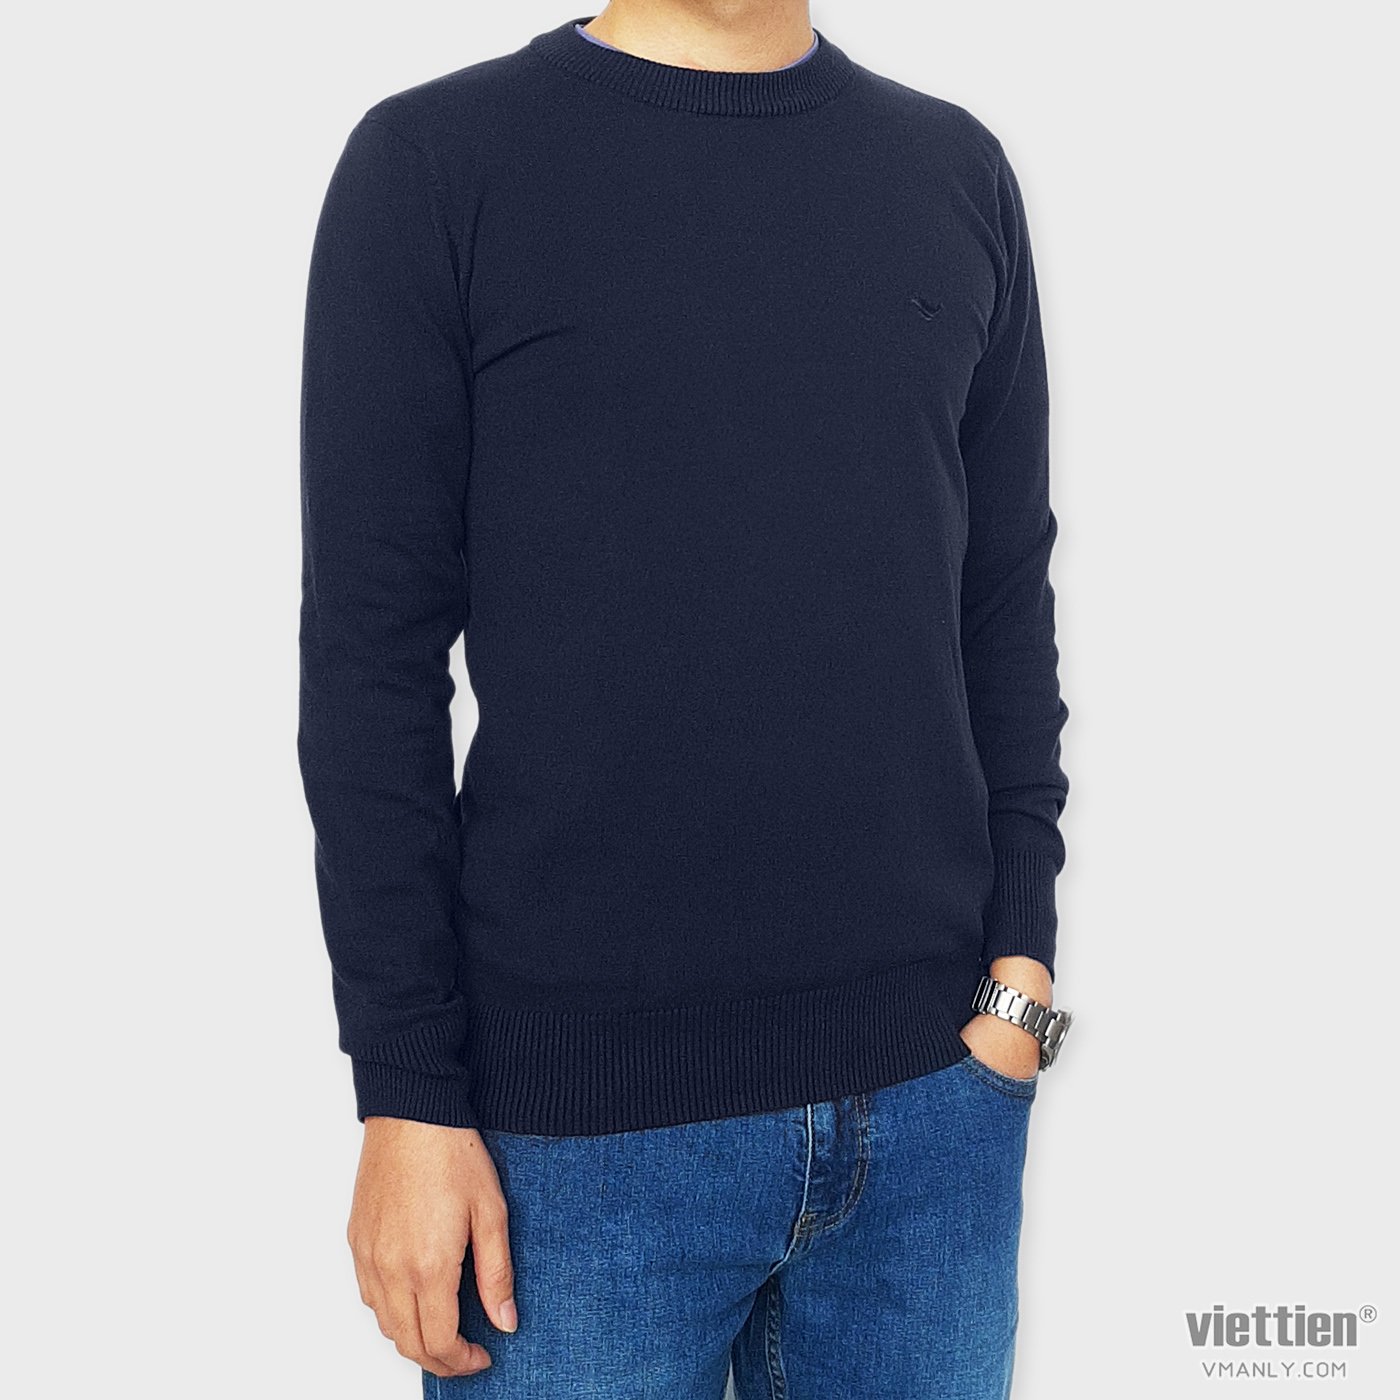 Áo len dài tay Việt Tiến cổ tròn màu xanh navy 6G9000CH4/LTR